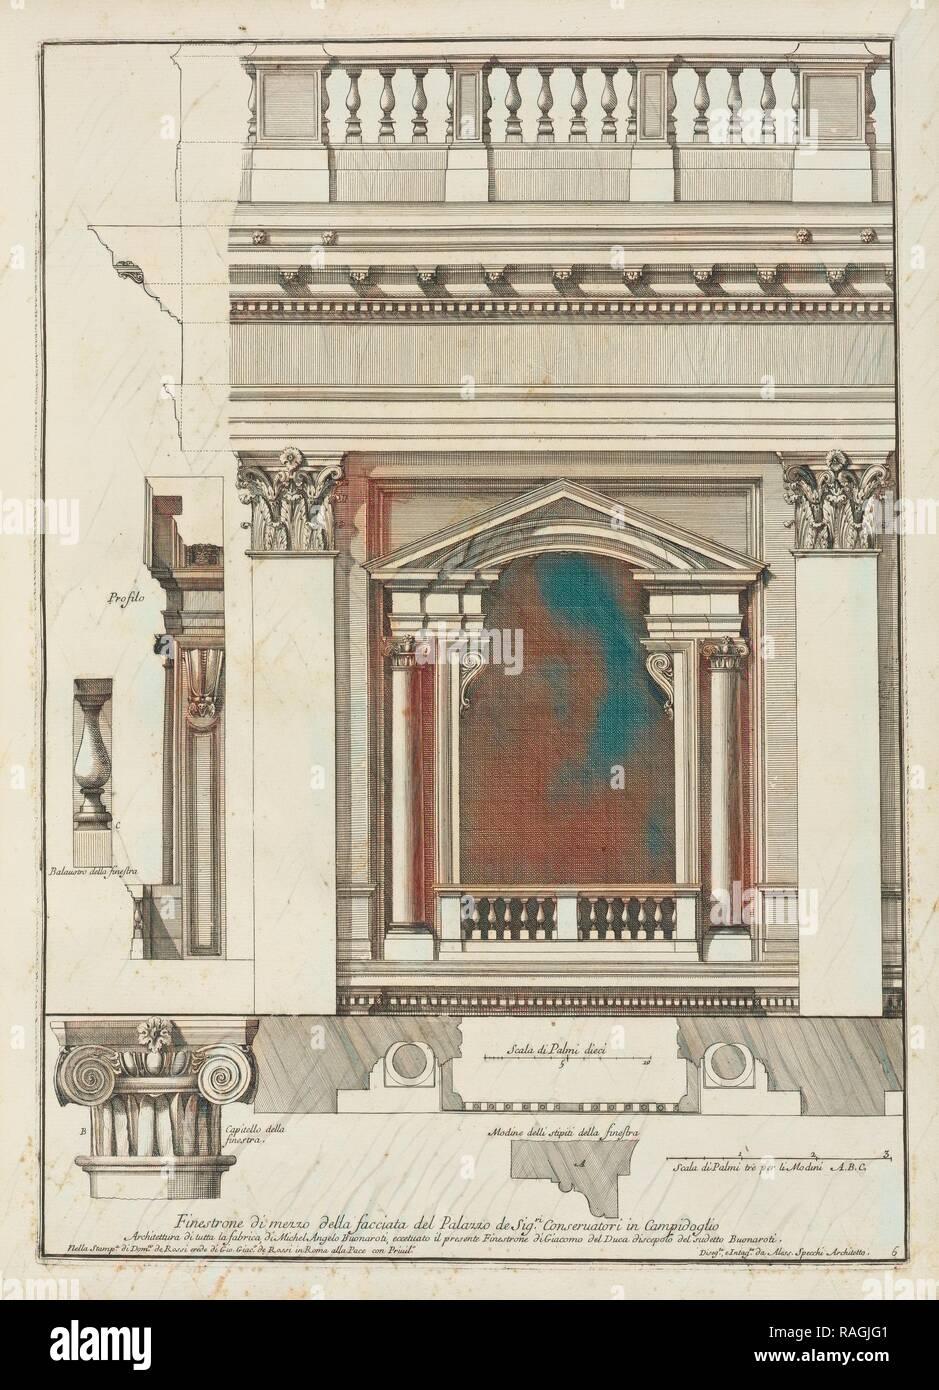 Finestrone di mezzo della facciata del palazzo de Sigri. Conseruatori in Campidoglio, Stvdio d'architettvra civile reimagined - Stock Image